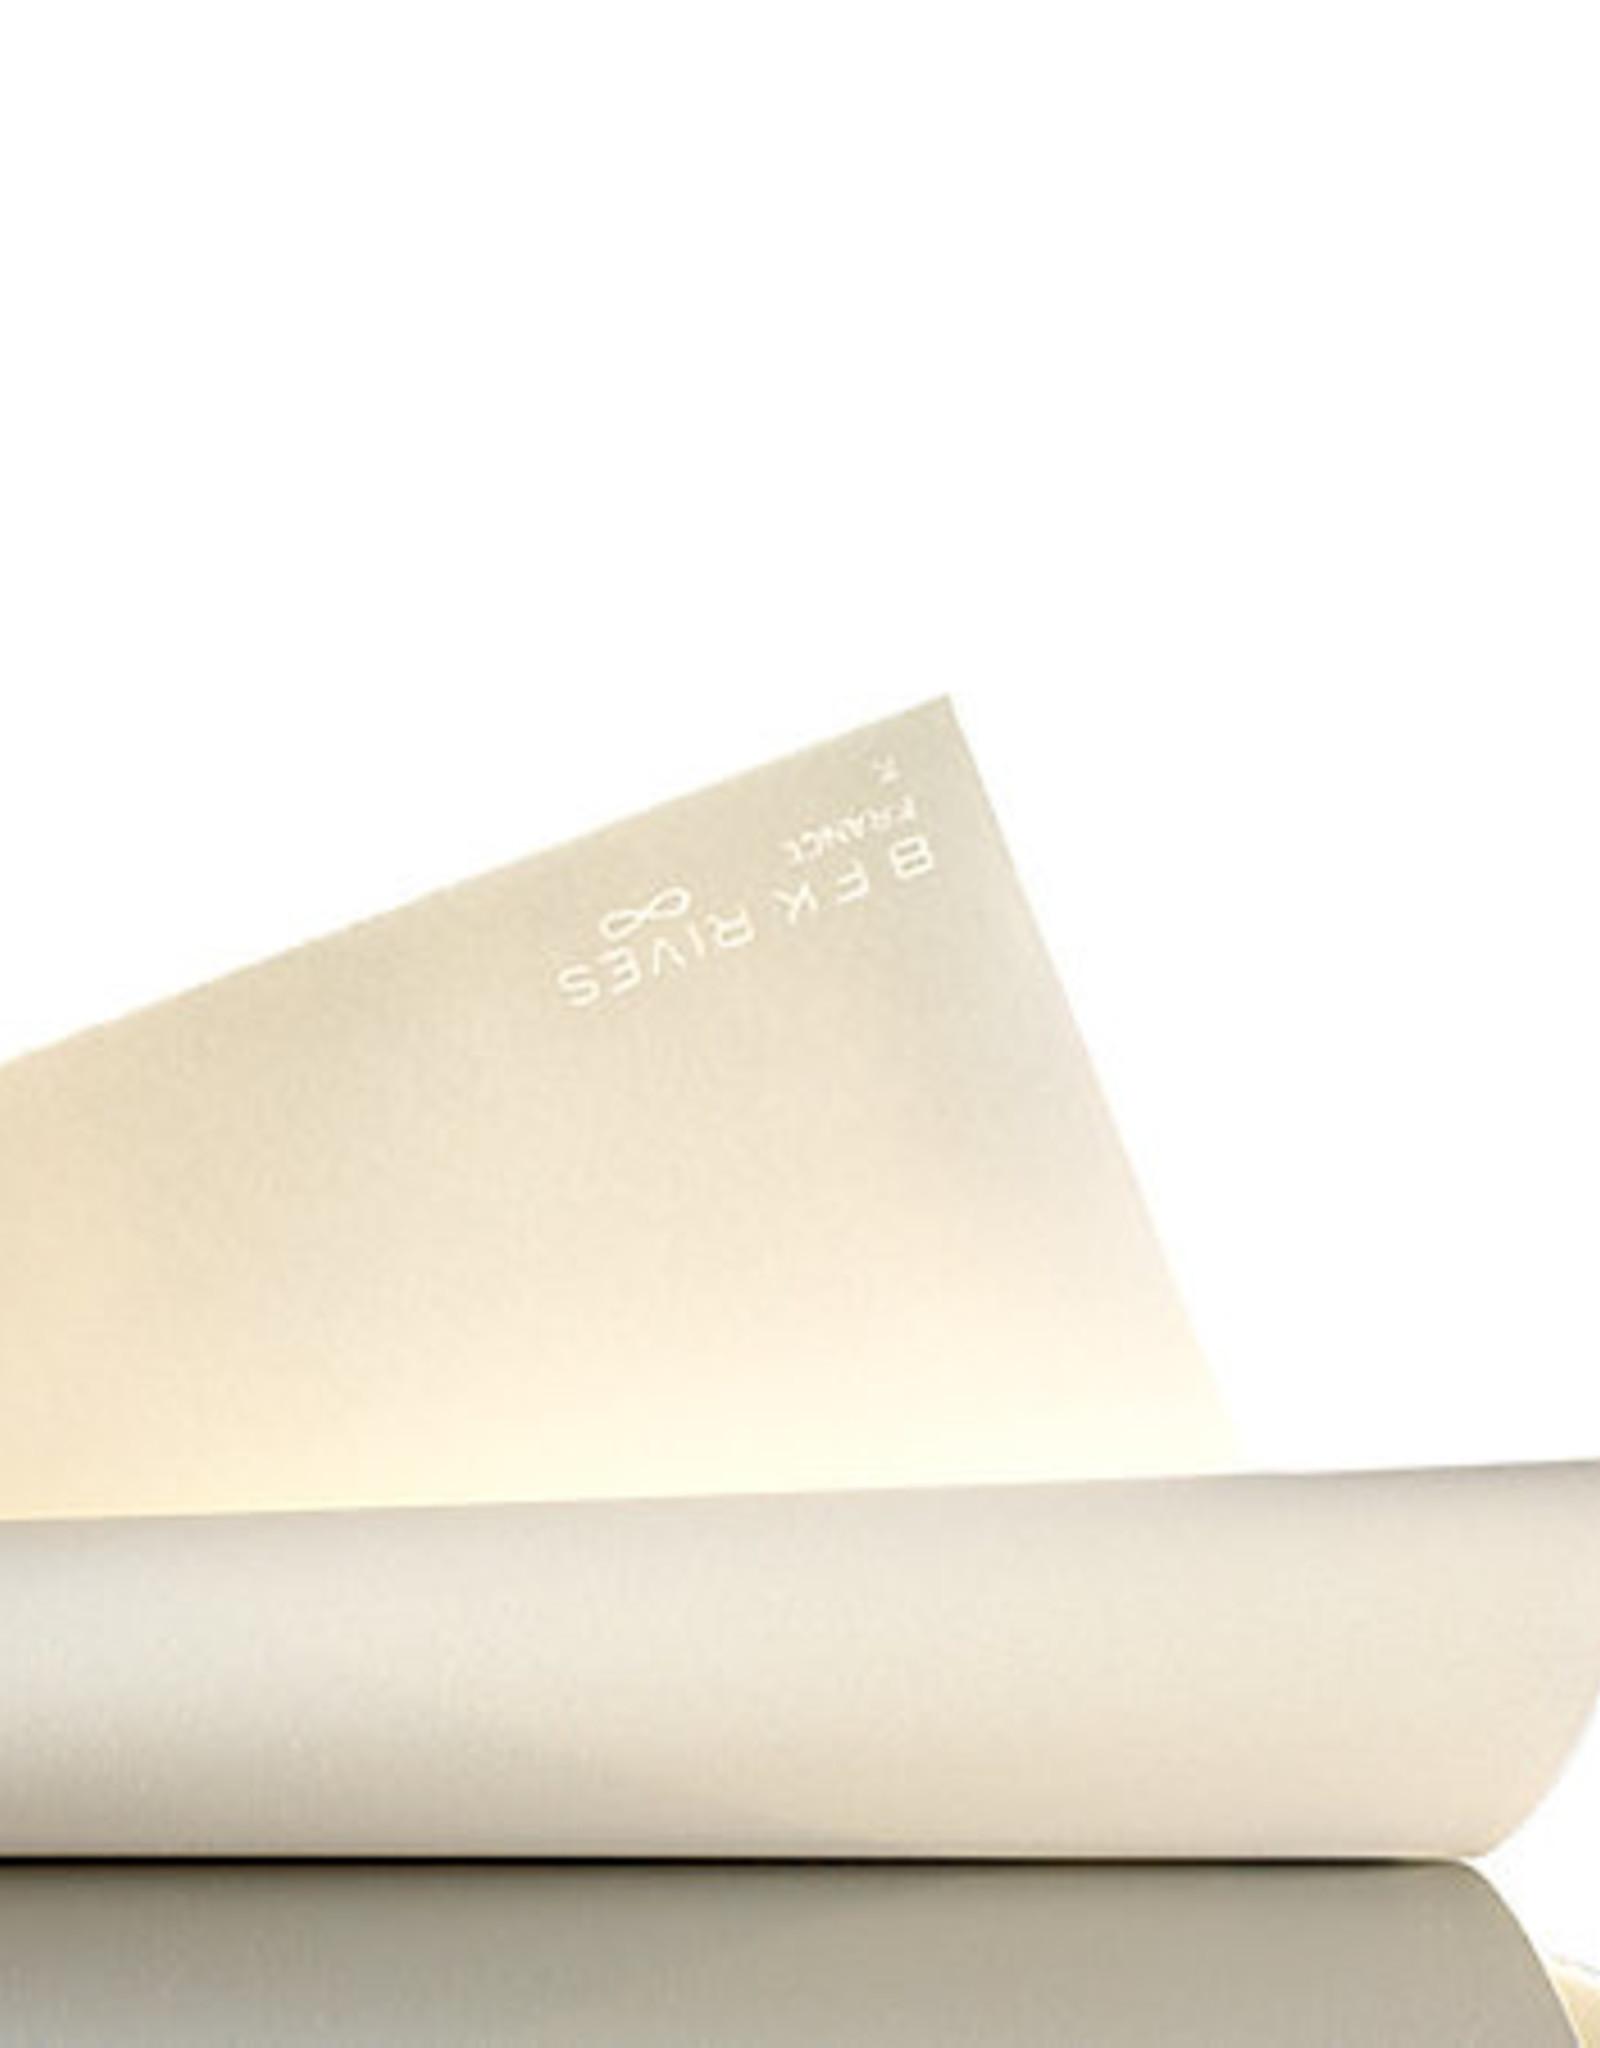 RIVES BFK WHITE 22X30 250 GSM